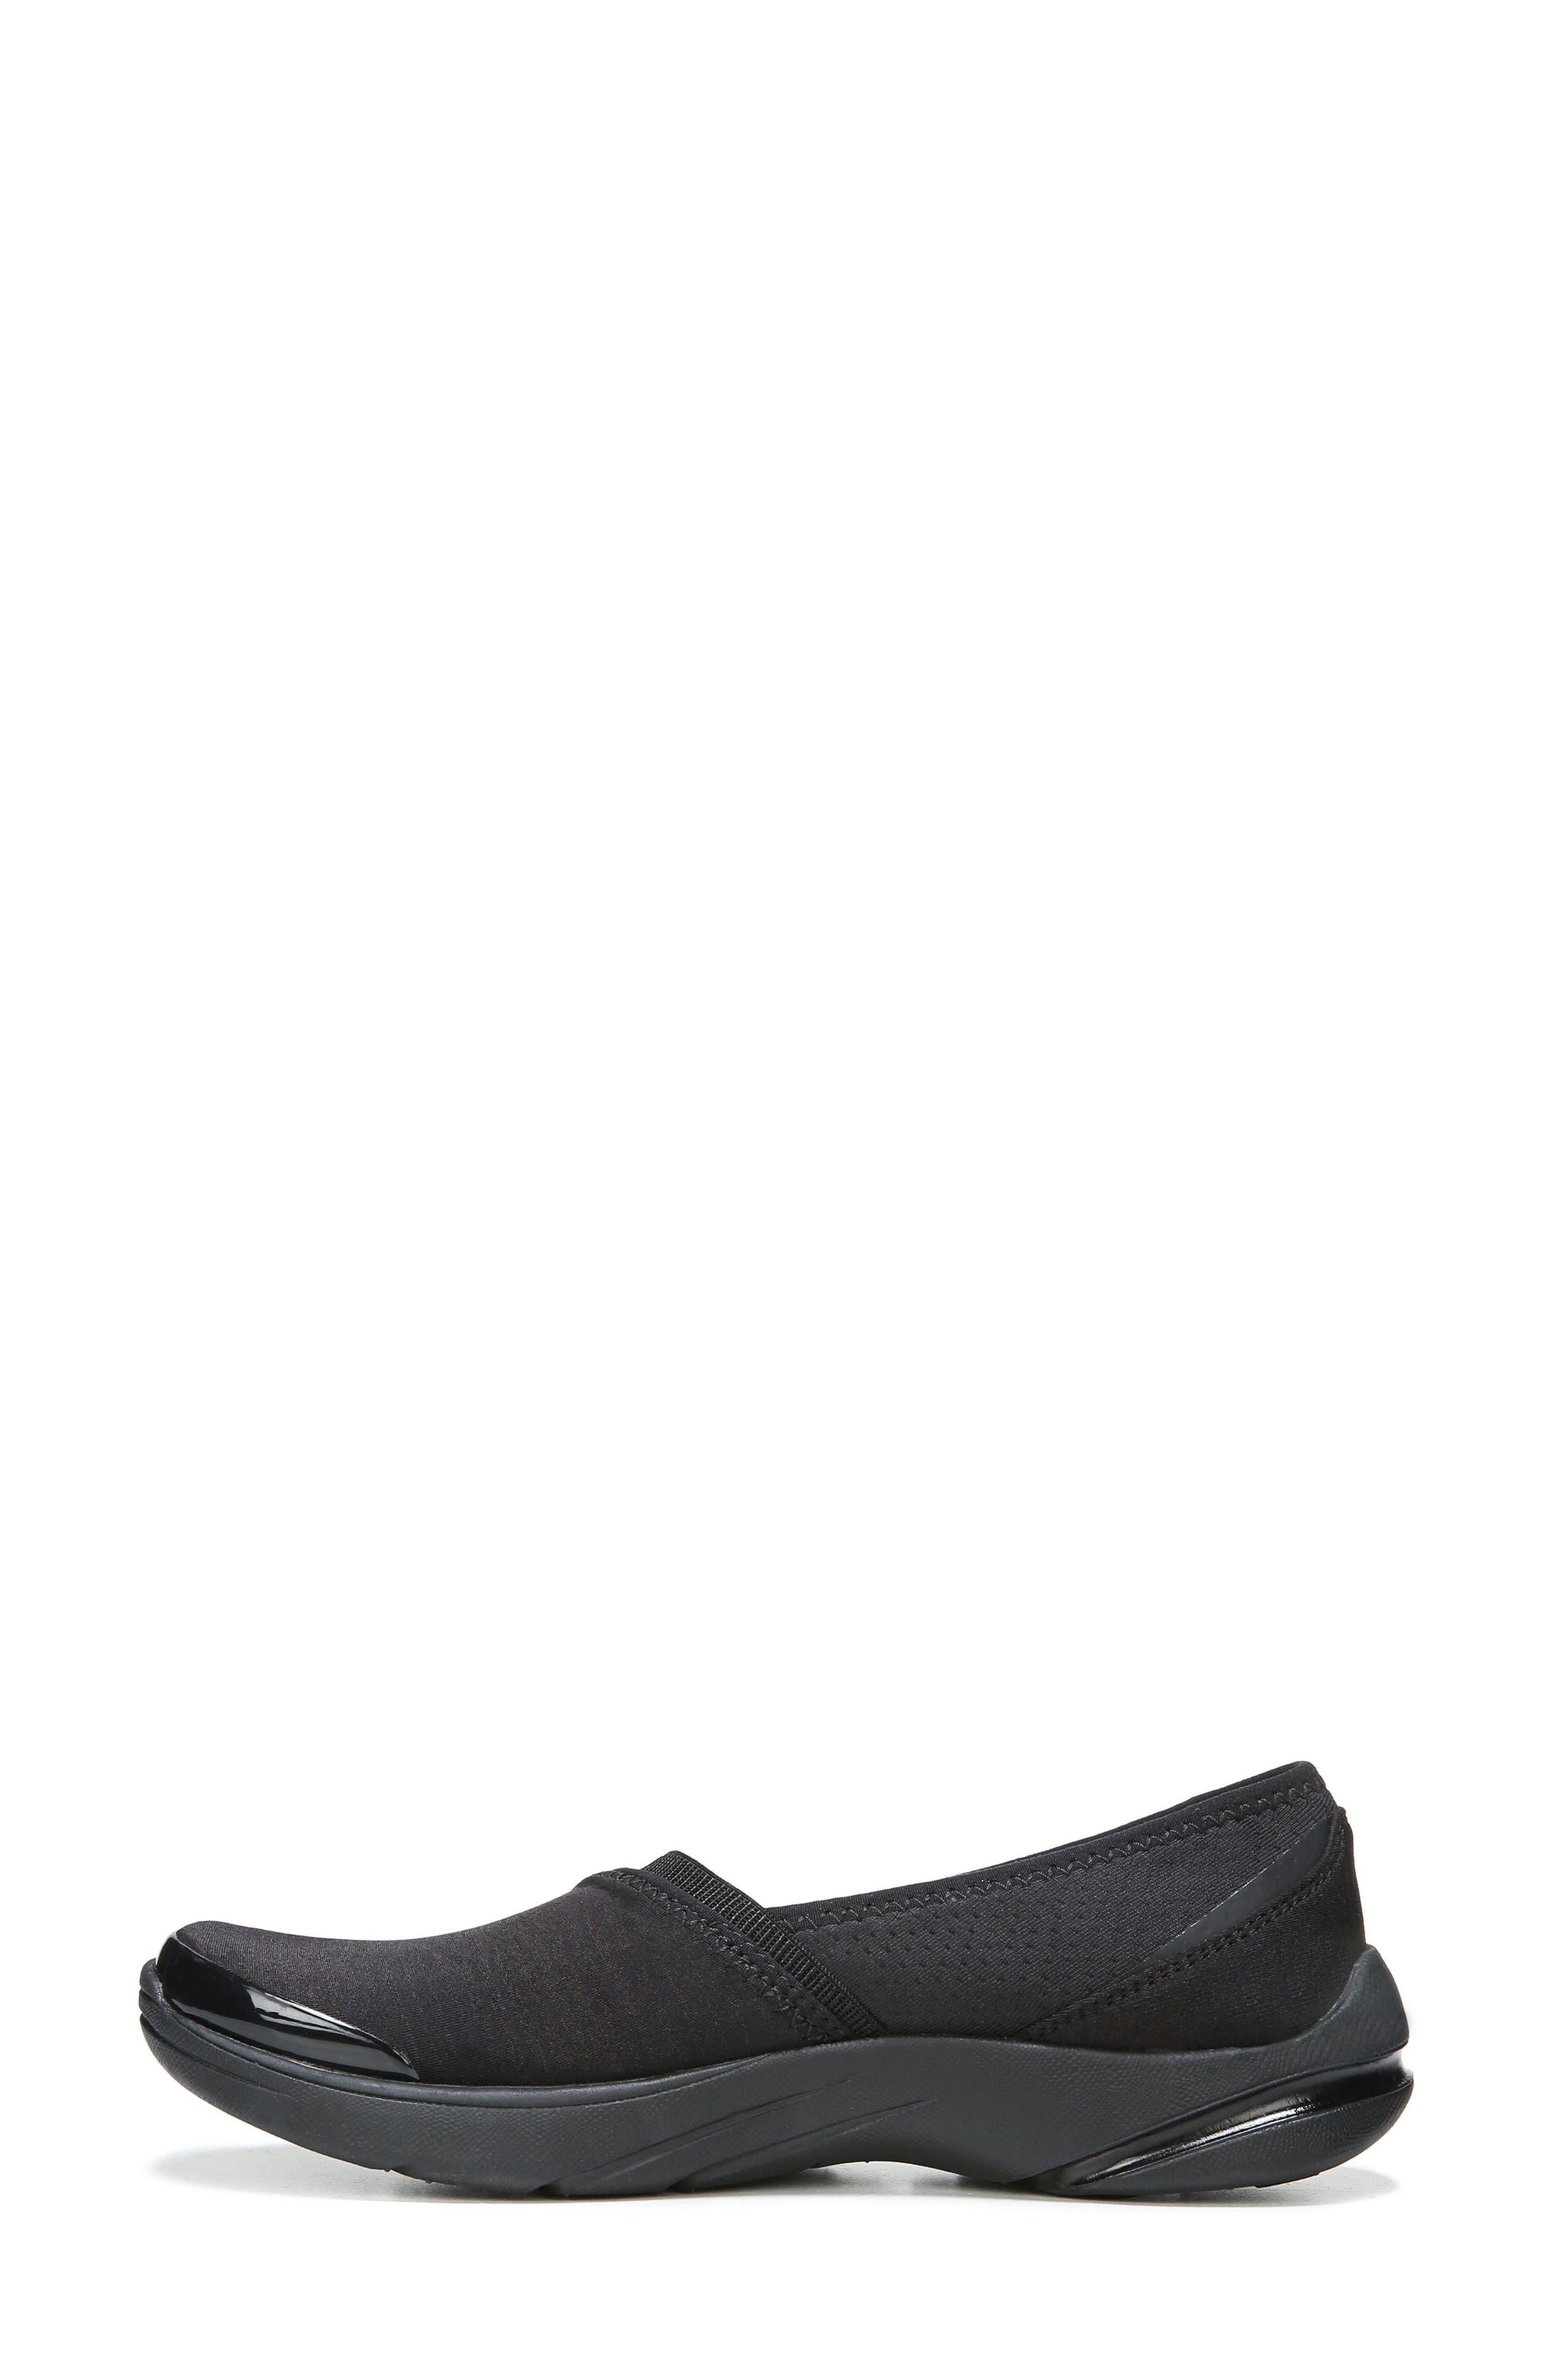 Lollipop Slip-On Sneaker,                             Alternate thumbnail 3, color,                             BLACK FABRIC